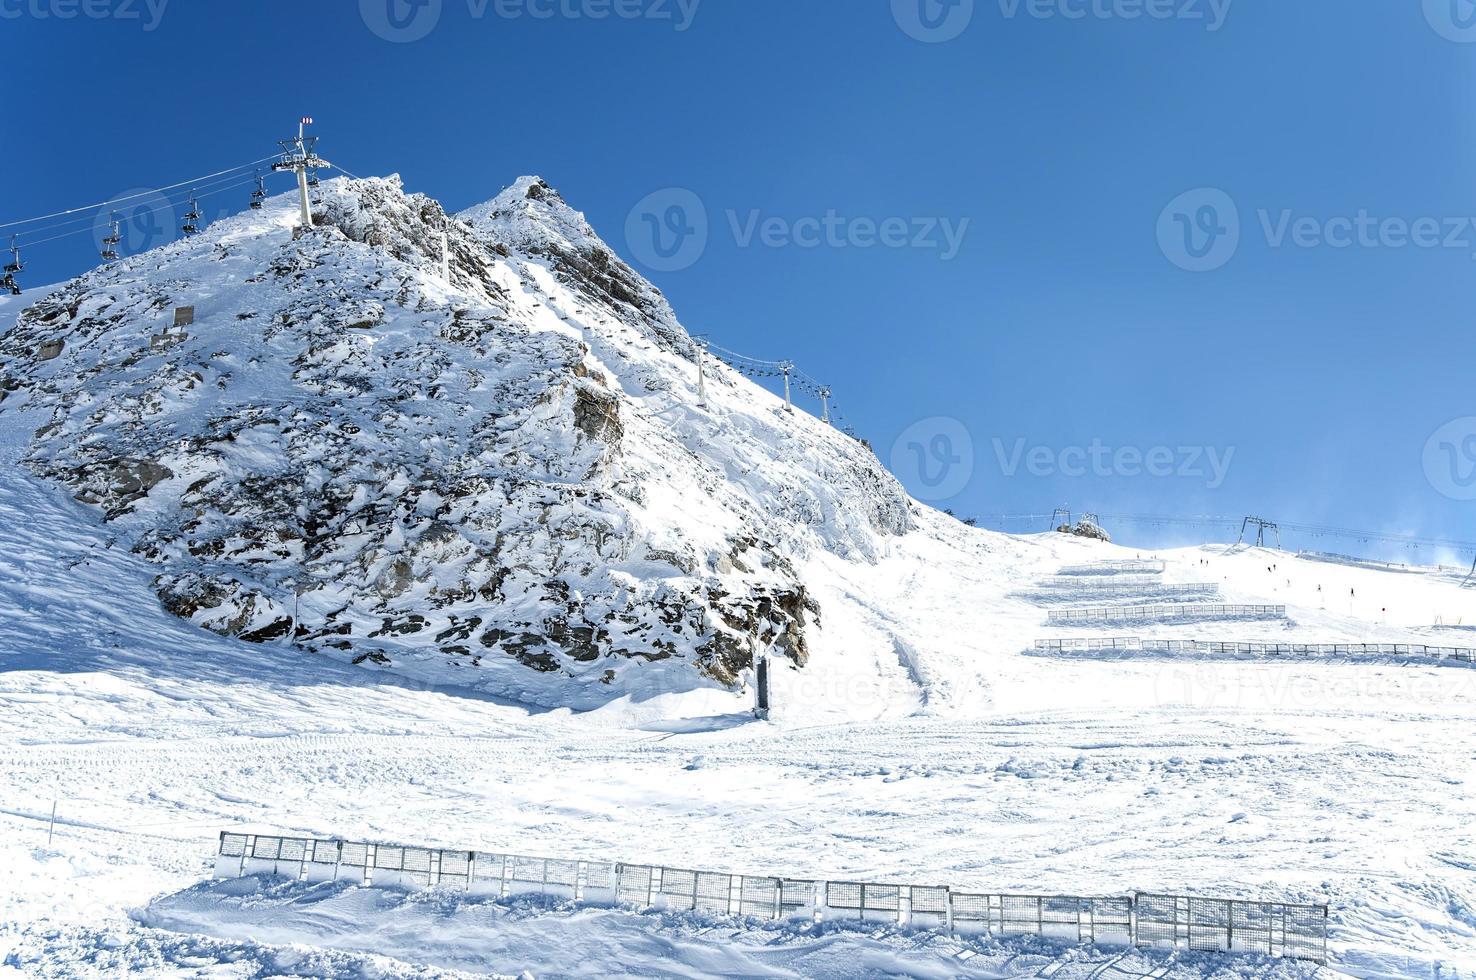 teleféricos e cercas de neve nos Alpes austríacos foto